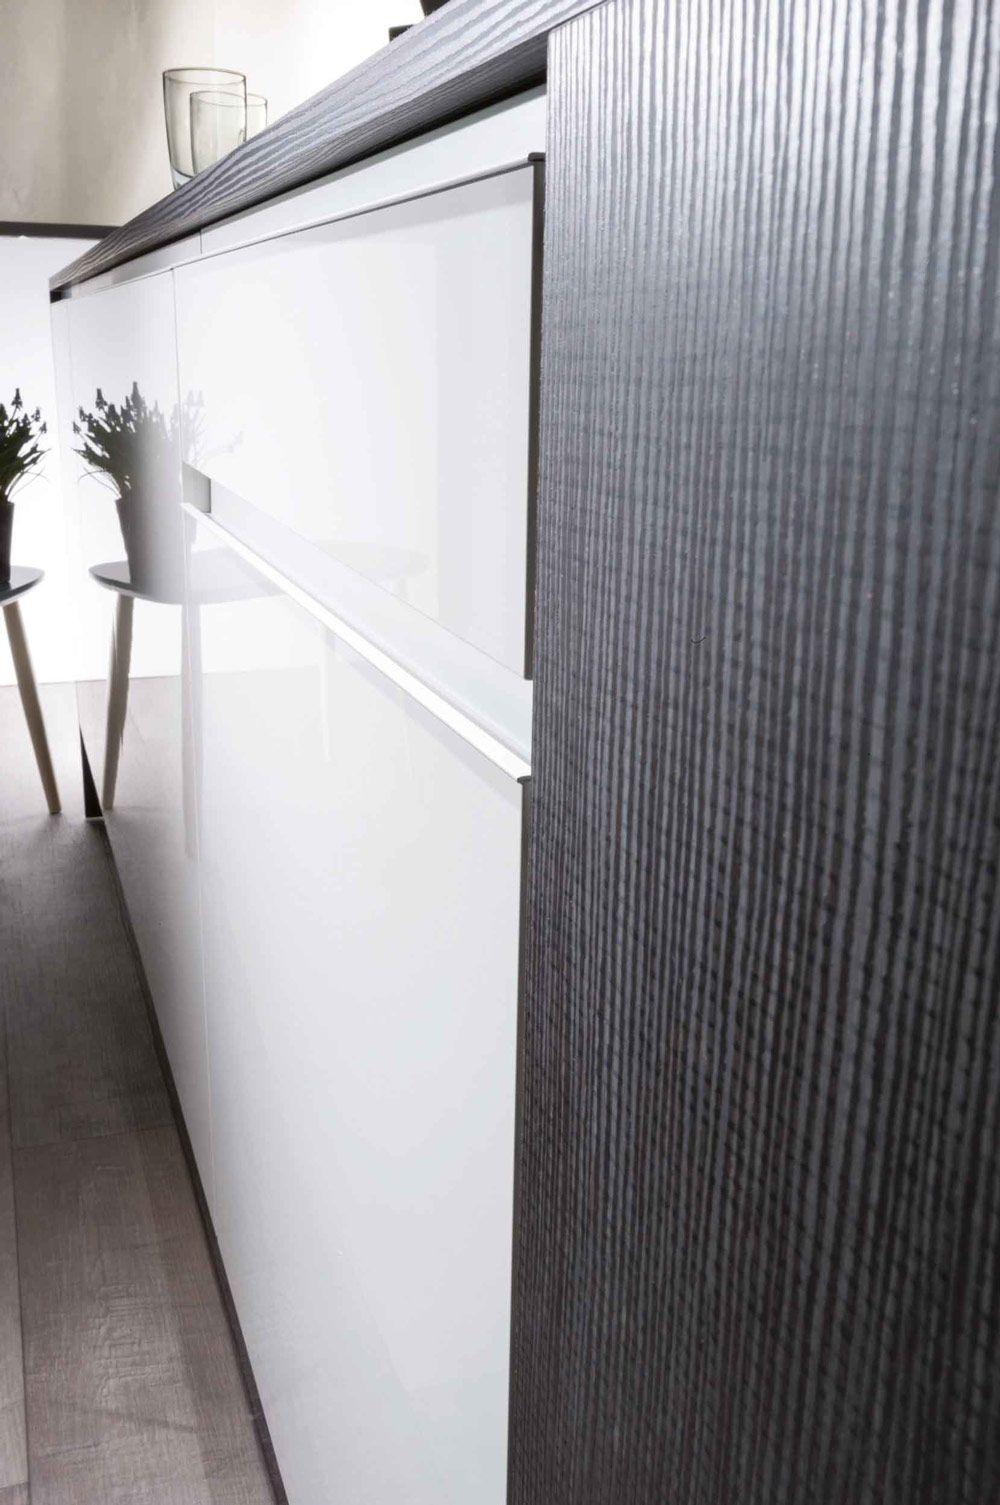 Poignée De Porte Cuisine Design invisible les poignées effily blanc sur une façade blanche